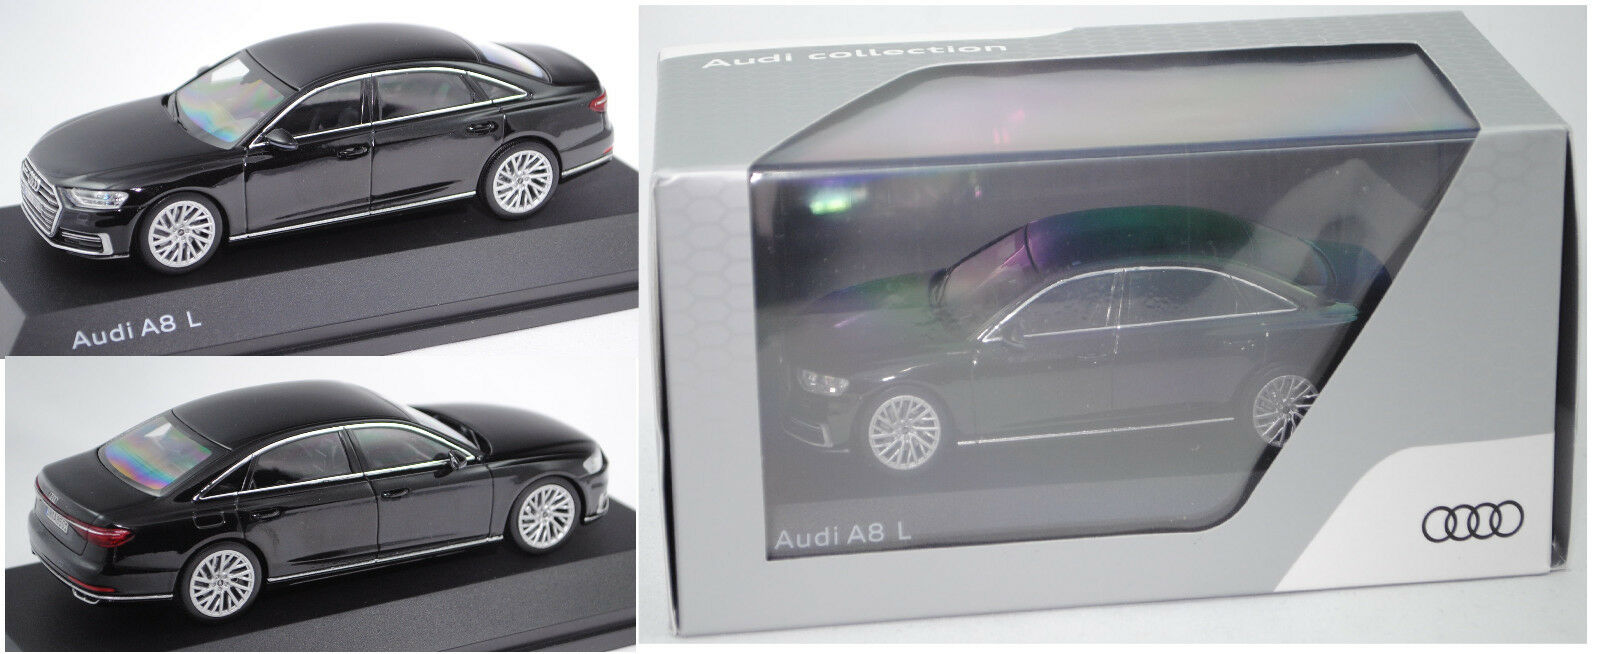 IScale 5011708132 Audi Audi Audi A8 L, schwarz, 1 43, Werbeschachtel 030085